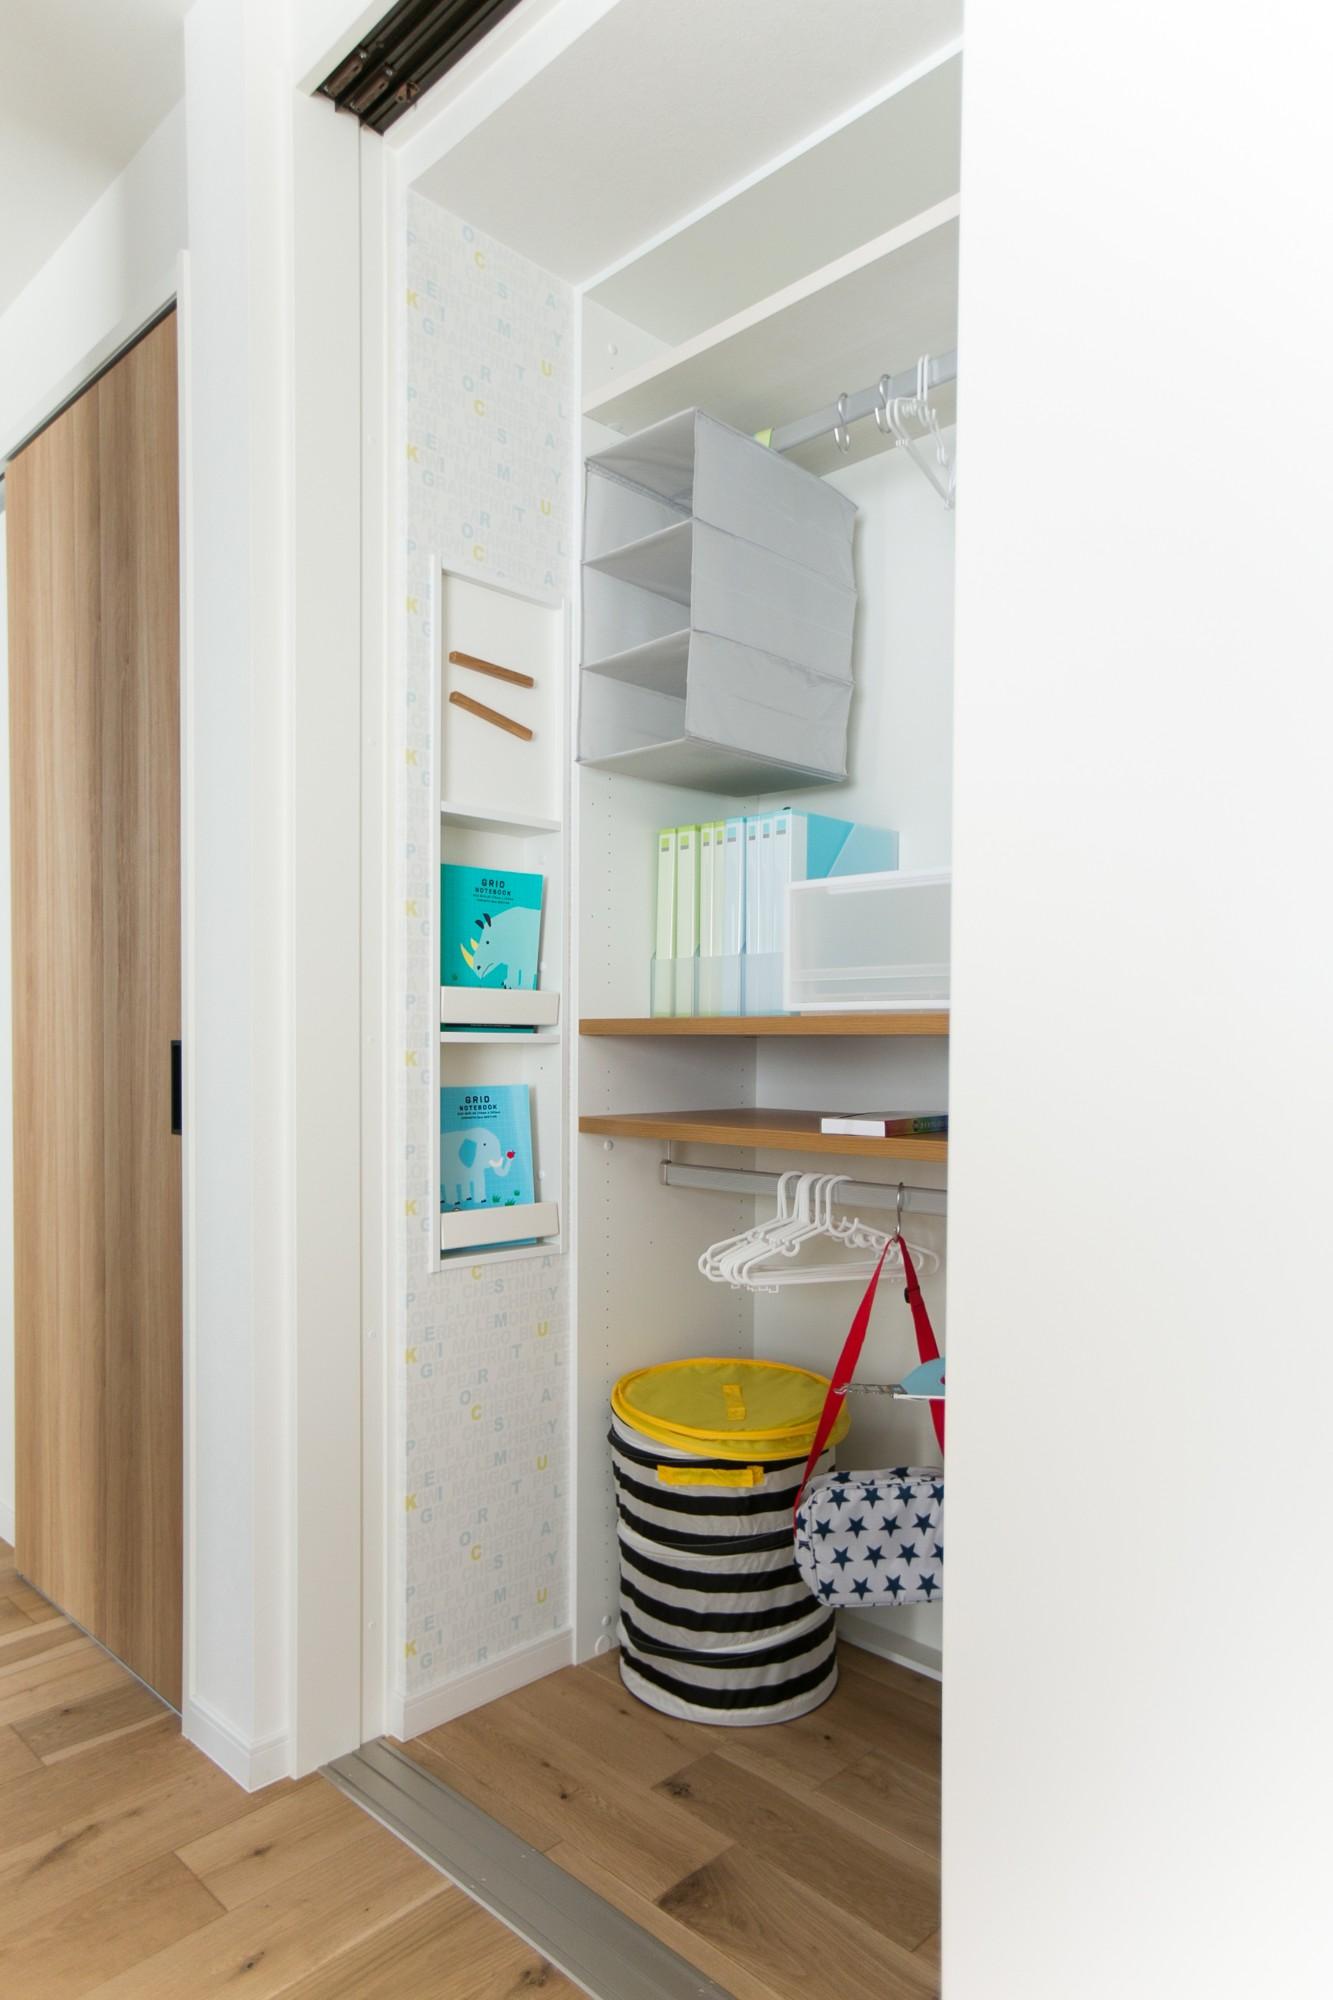 HASHIKEN「こどものための動線の家」のシンプル・ナチュラルな収納スペースの実例写真